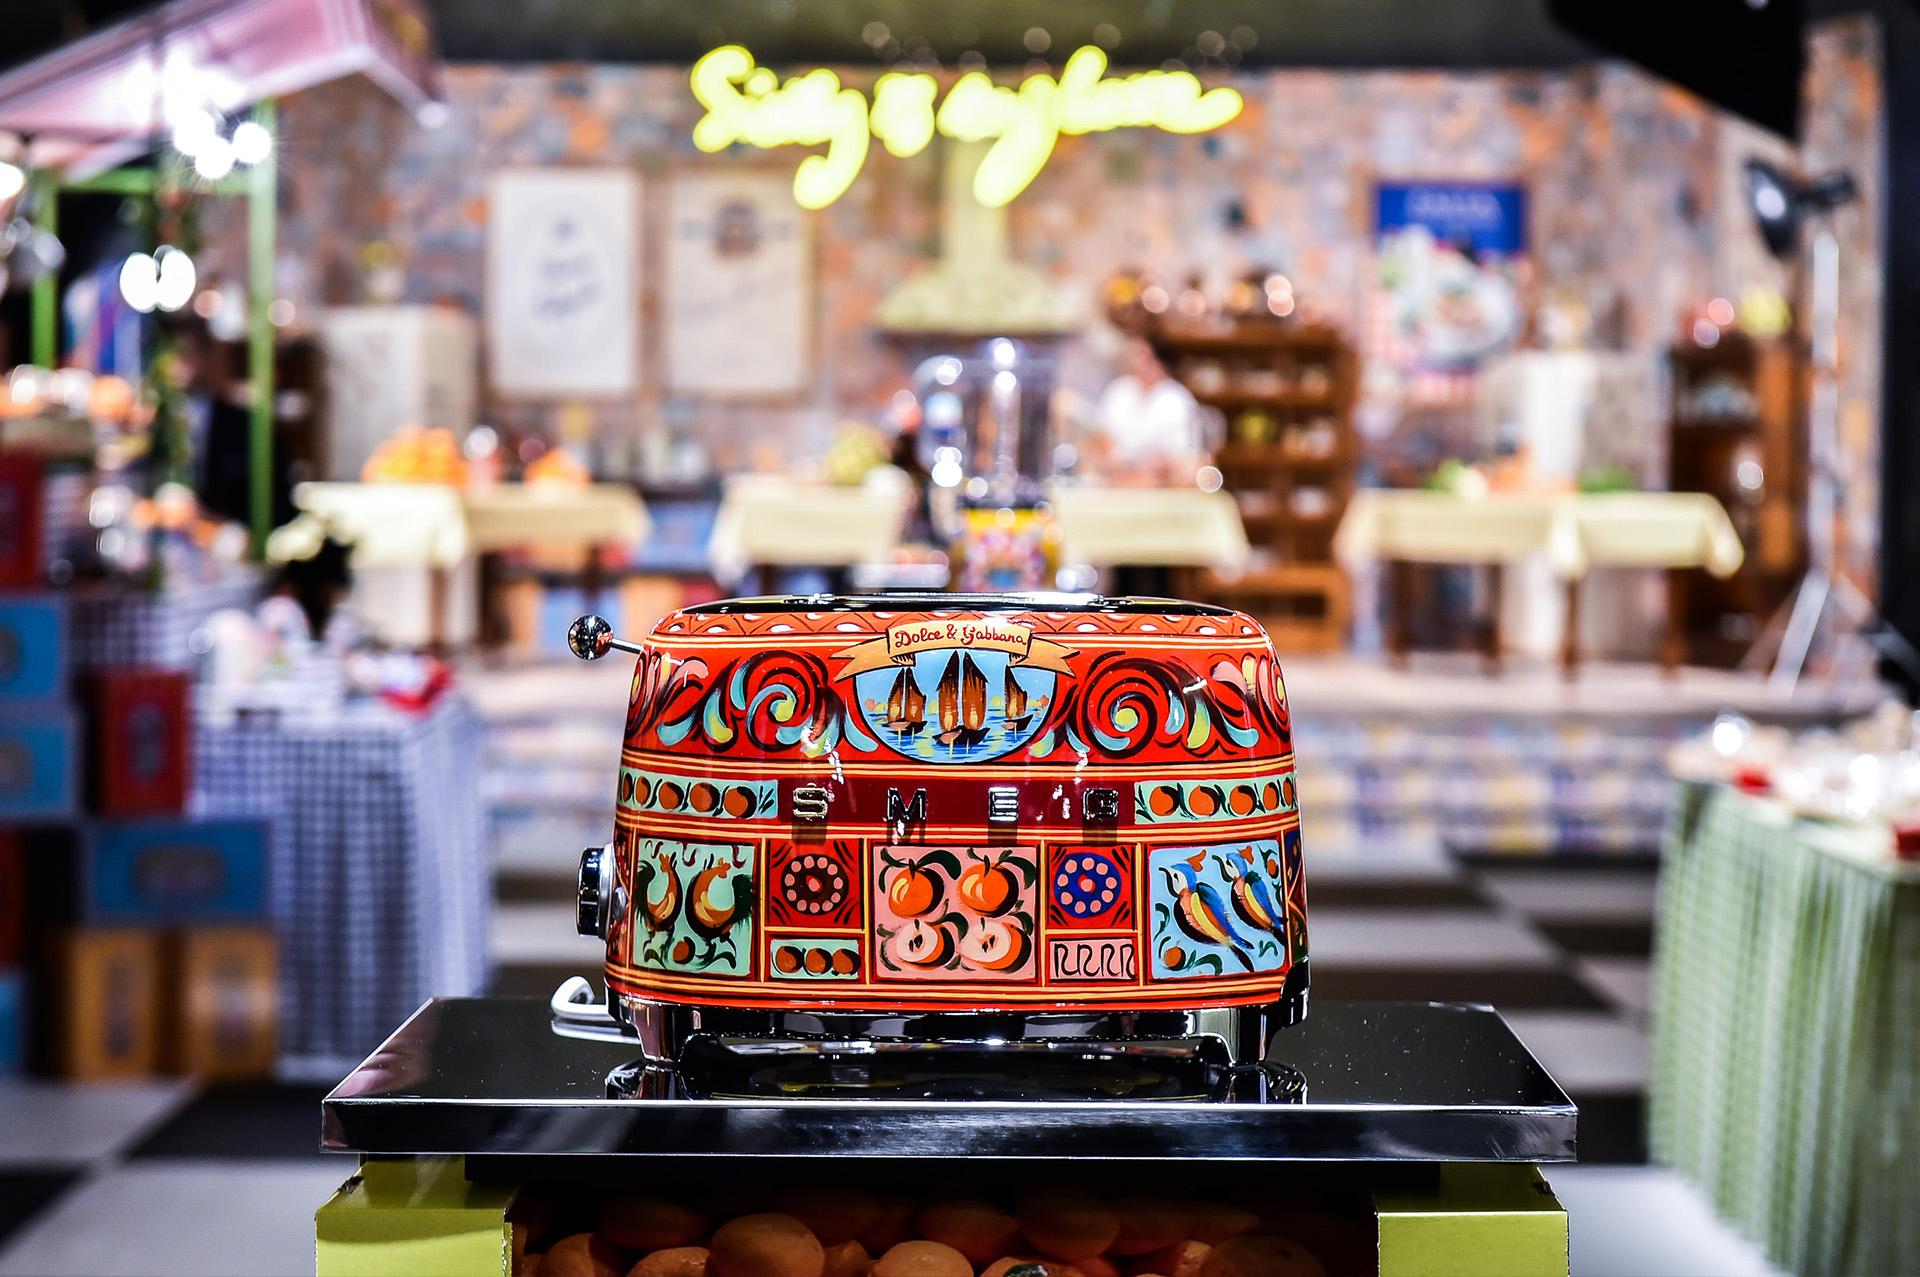 dolce gabbana diseños electrodomésticos 10 - Conoce los diseños que realizó Dolce & Gabbana para una línea de electrodomésticos